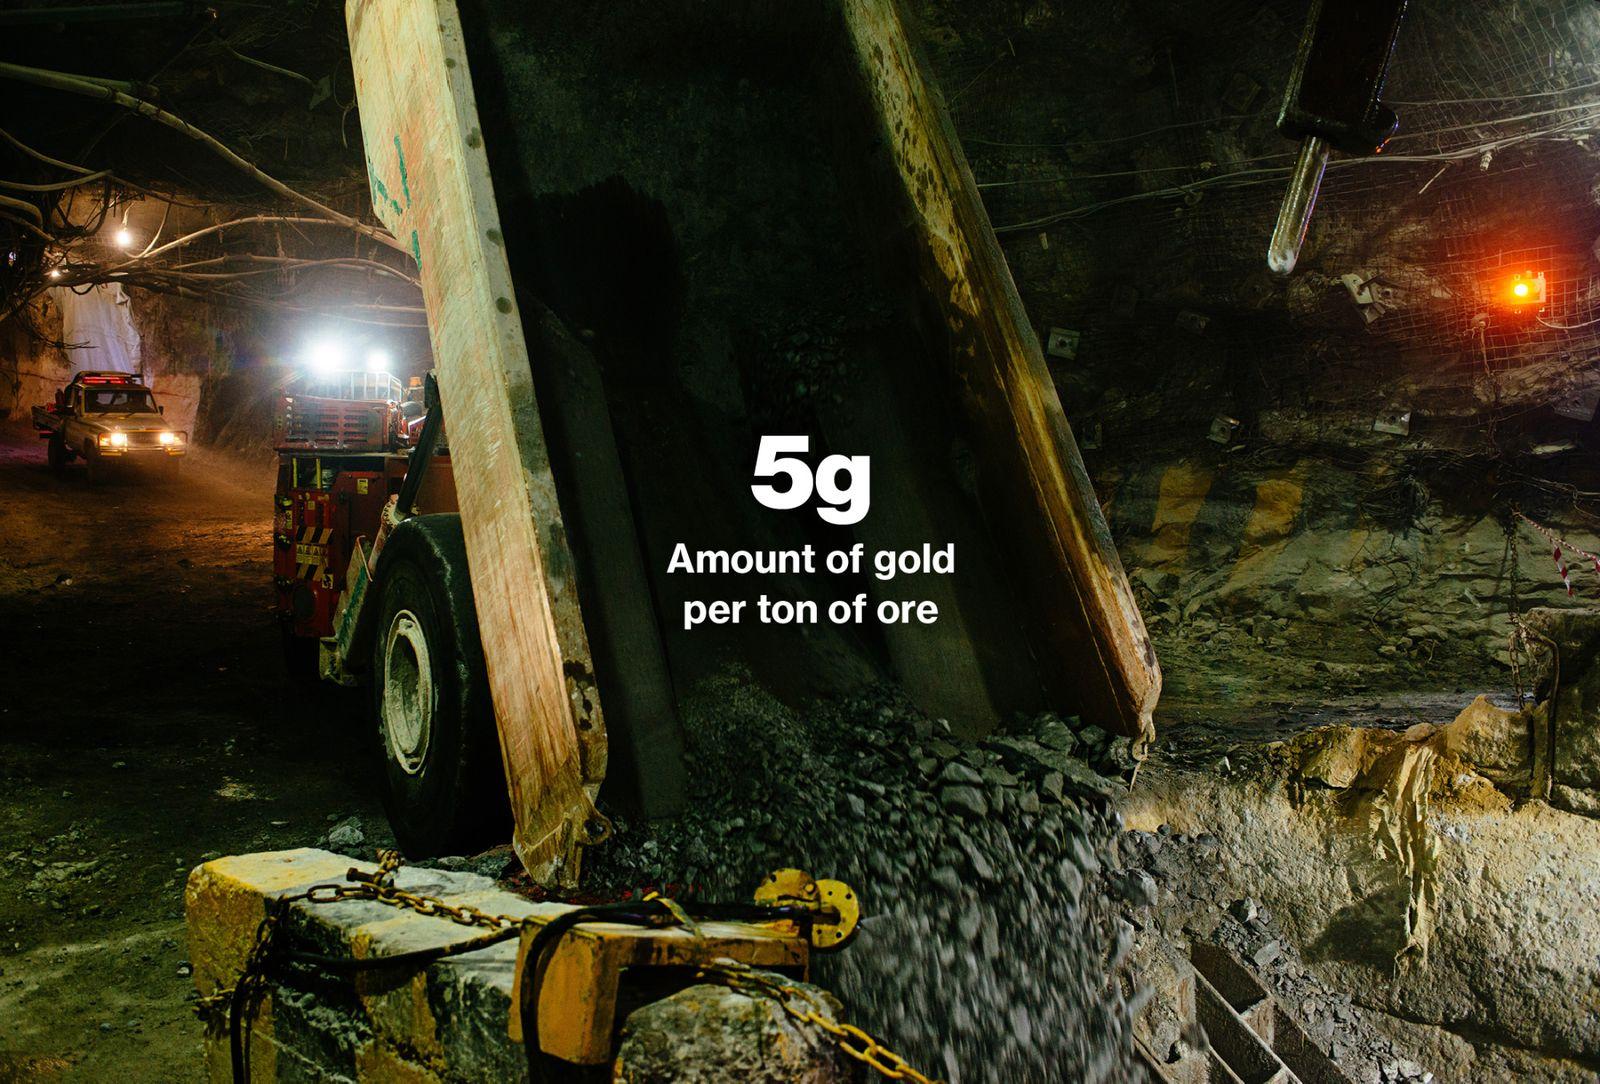 一噸礦石產生約5克的黃金,重量相當於5美分或英國20便士硬幣。